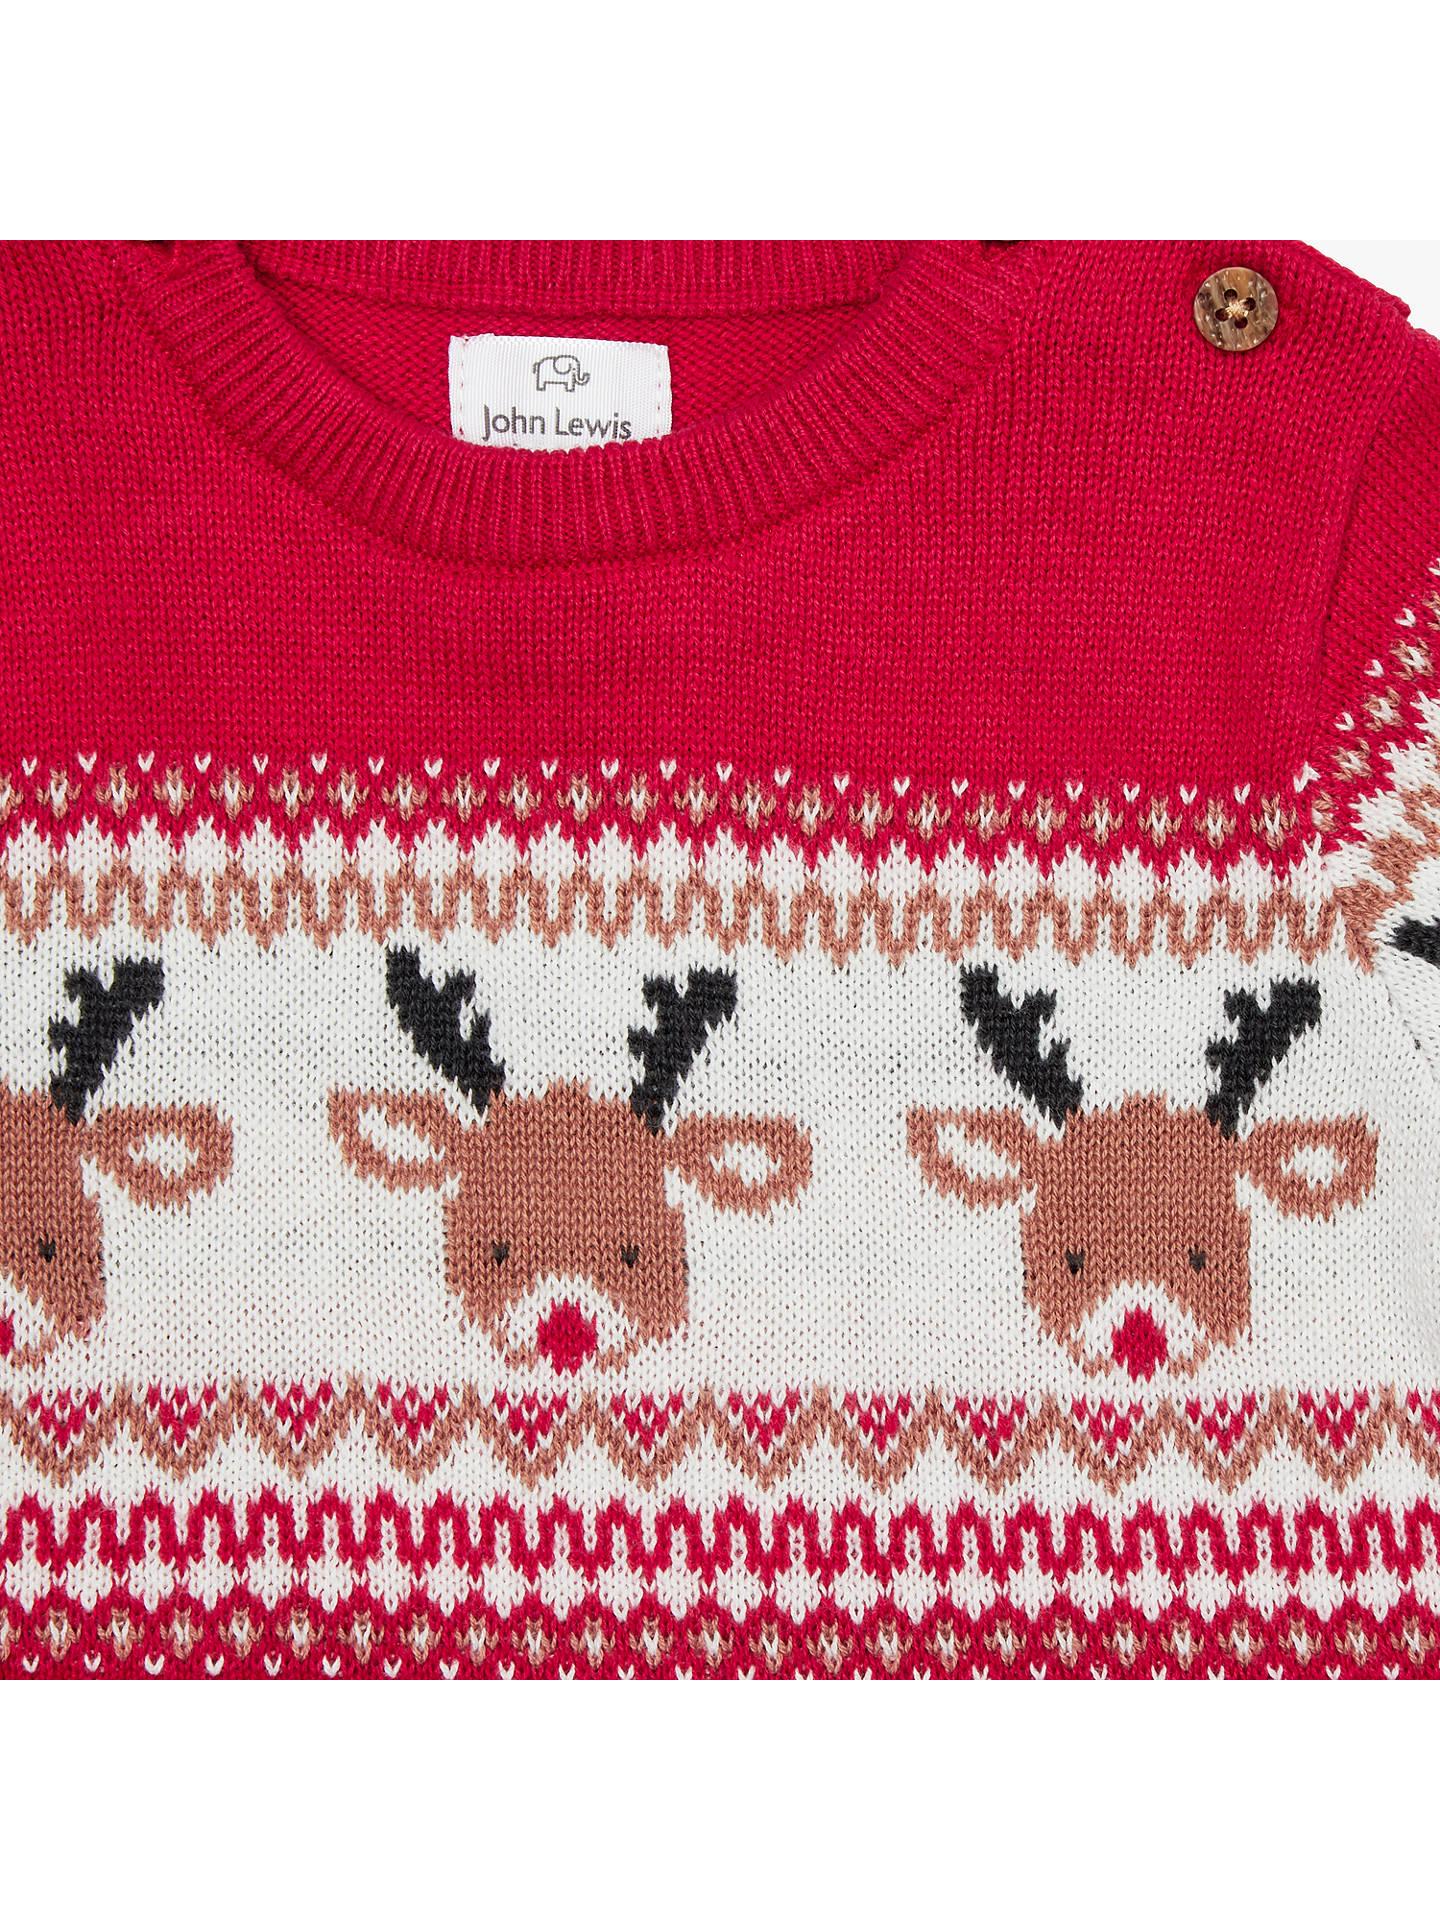 8ca894aa9 Buy John Lewis Baby Christmas Reindeer Intarsia Romper, Red, Newborn Online  at johnlewis.